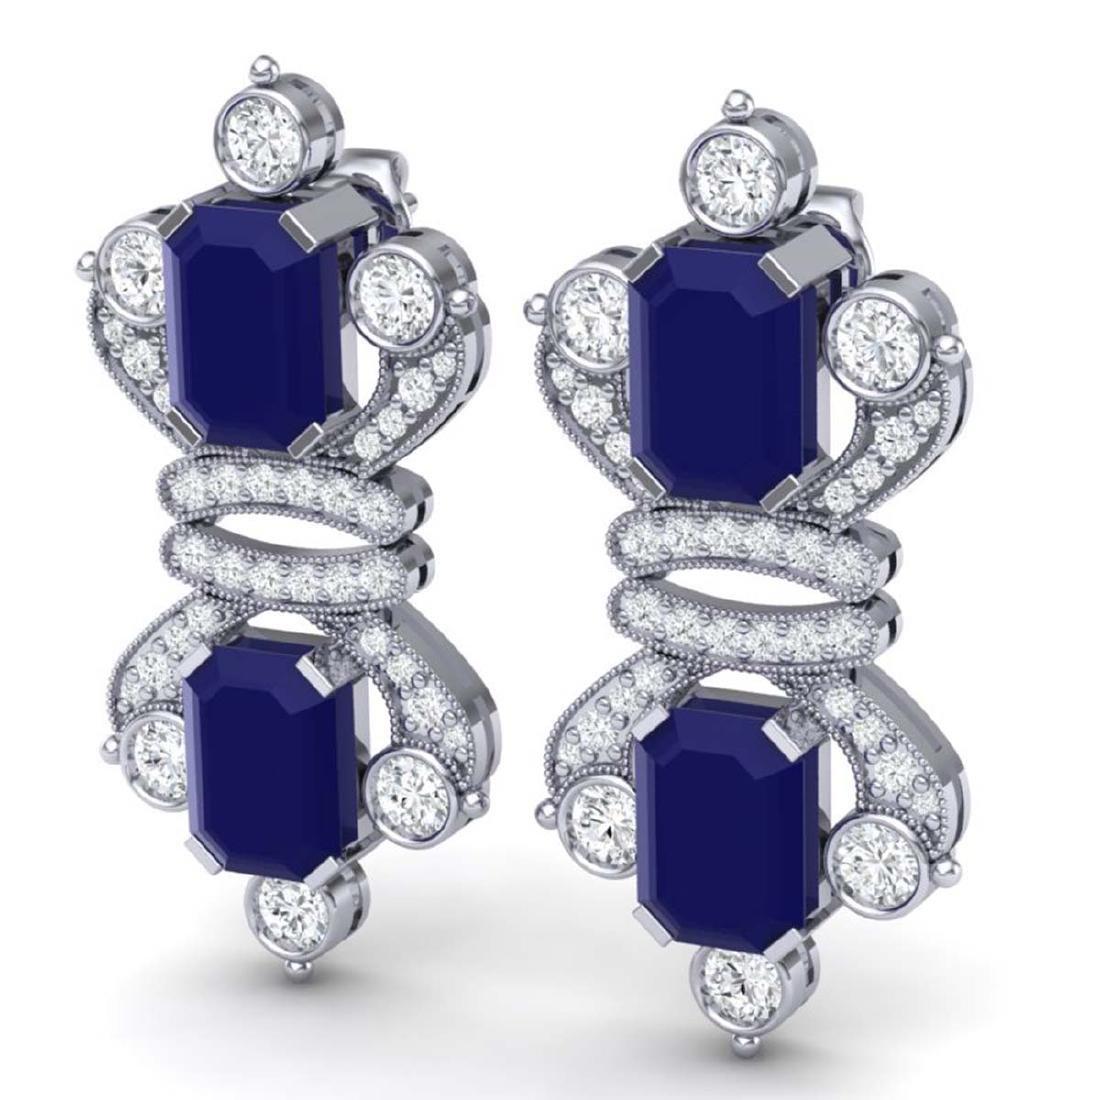 27.36 ctw Sapphire & VS Diamond Earrings 18K White Gold - 2